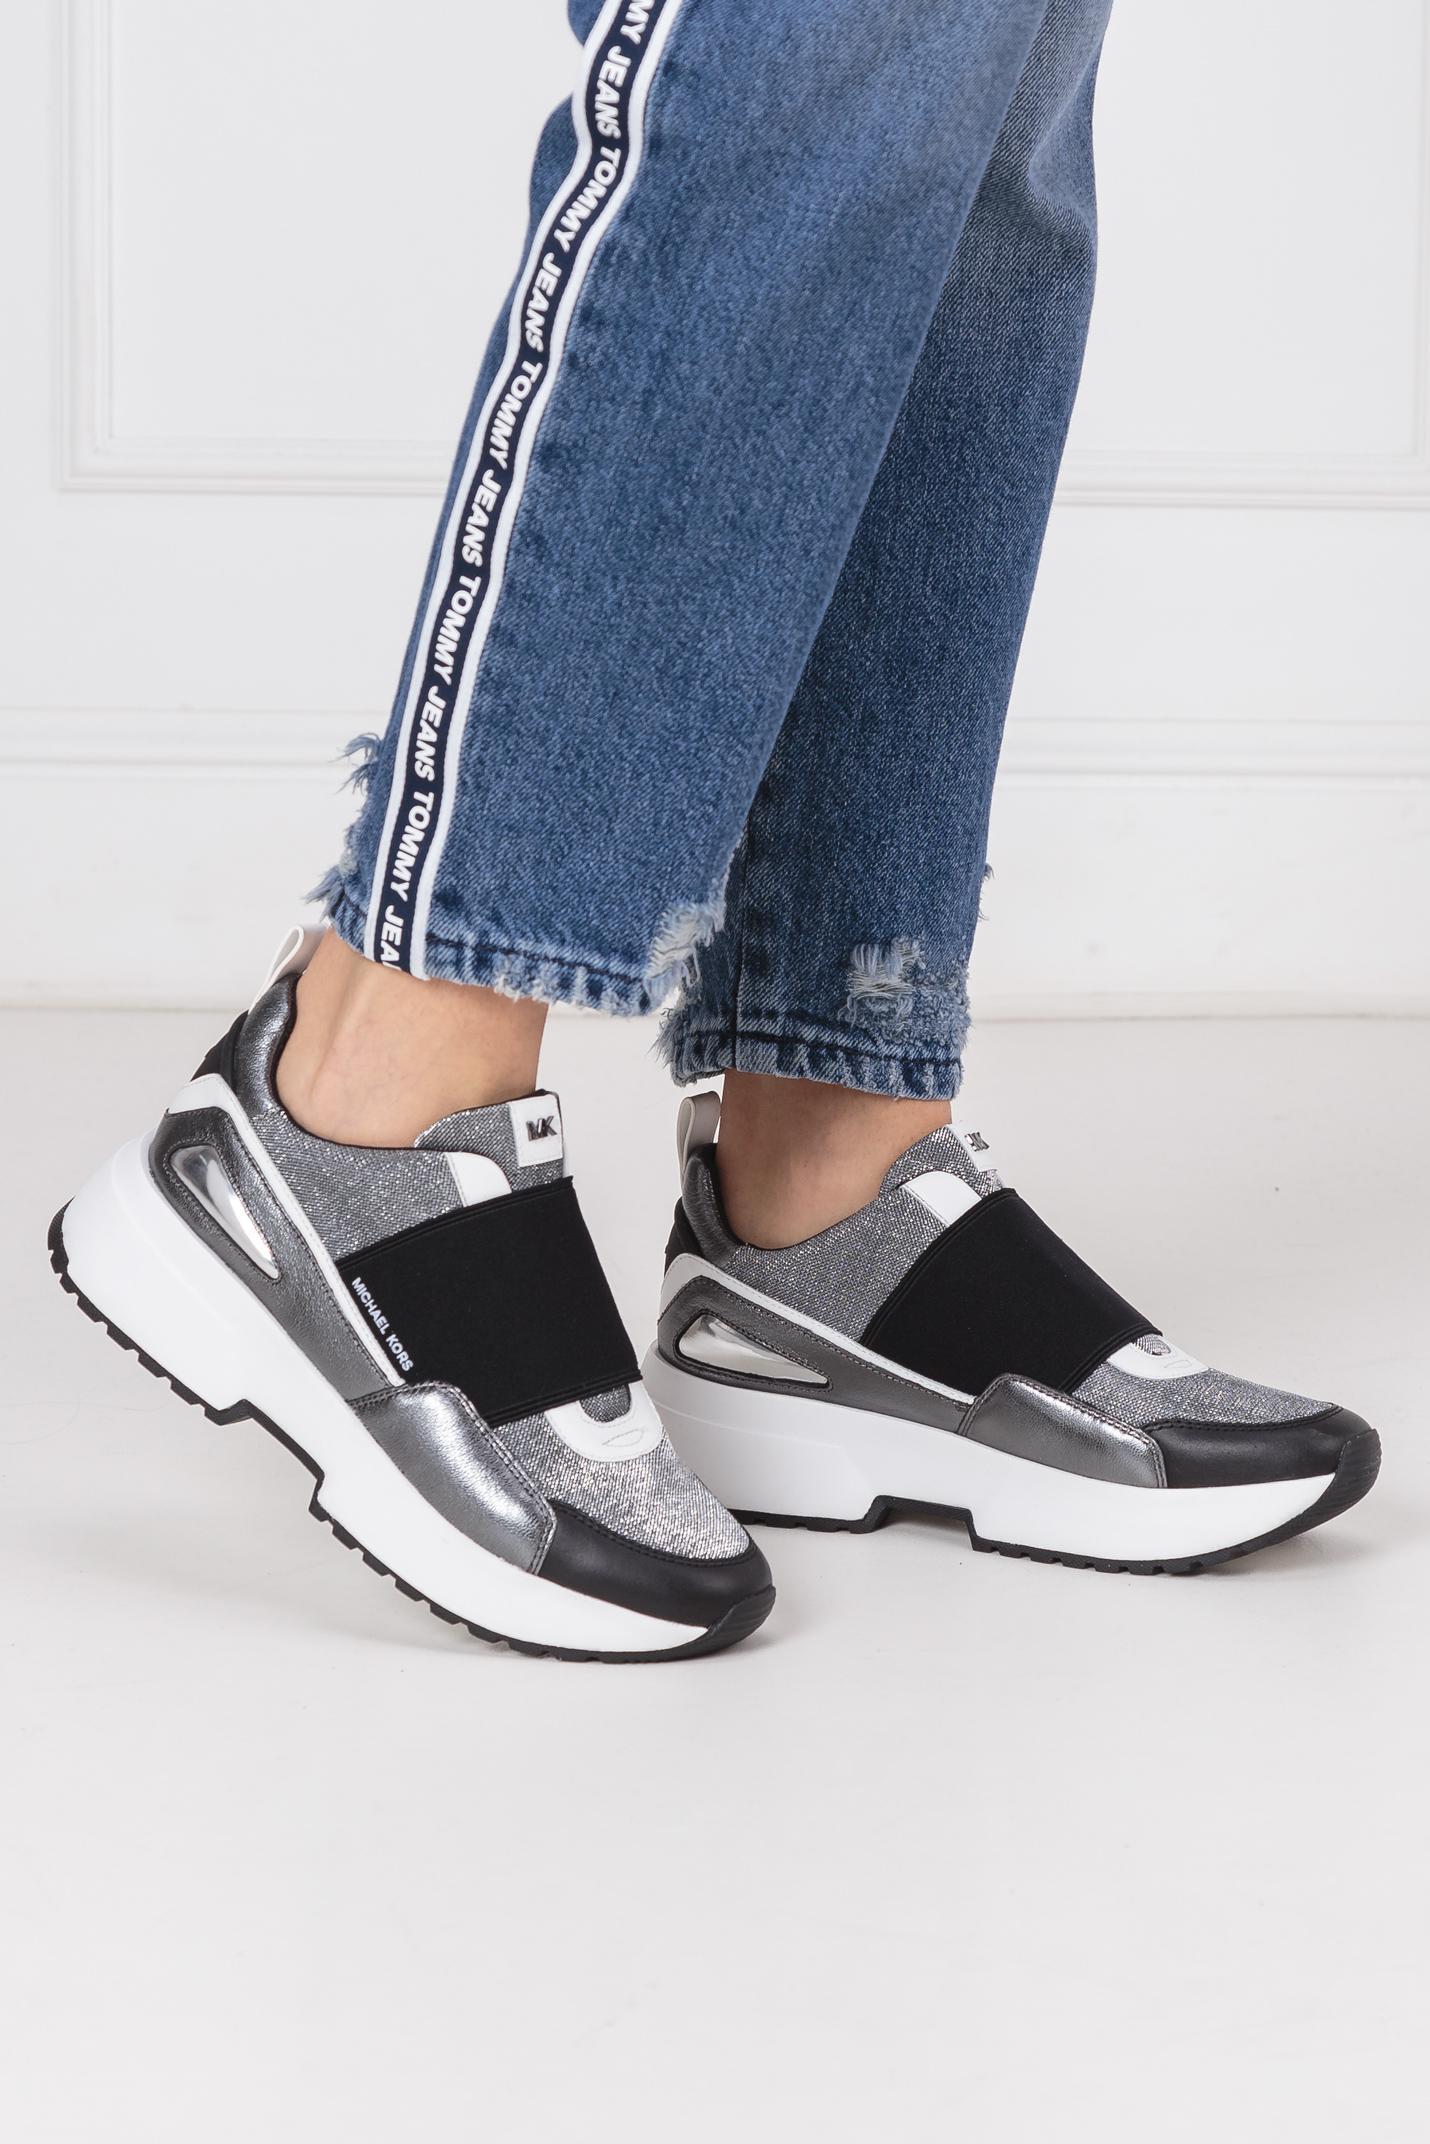 3db392bd55 Sneakers COSMO Michael Kors